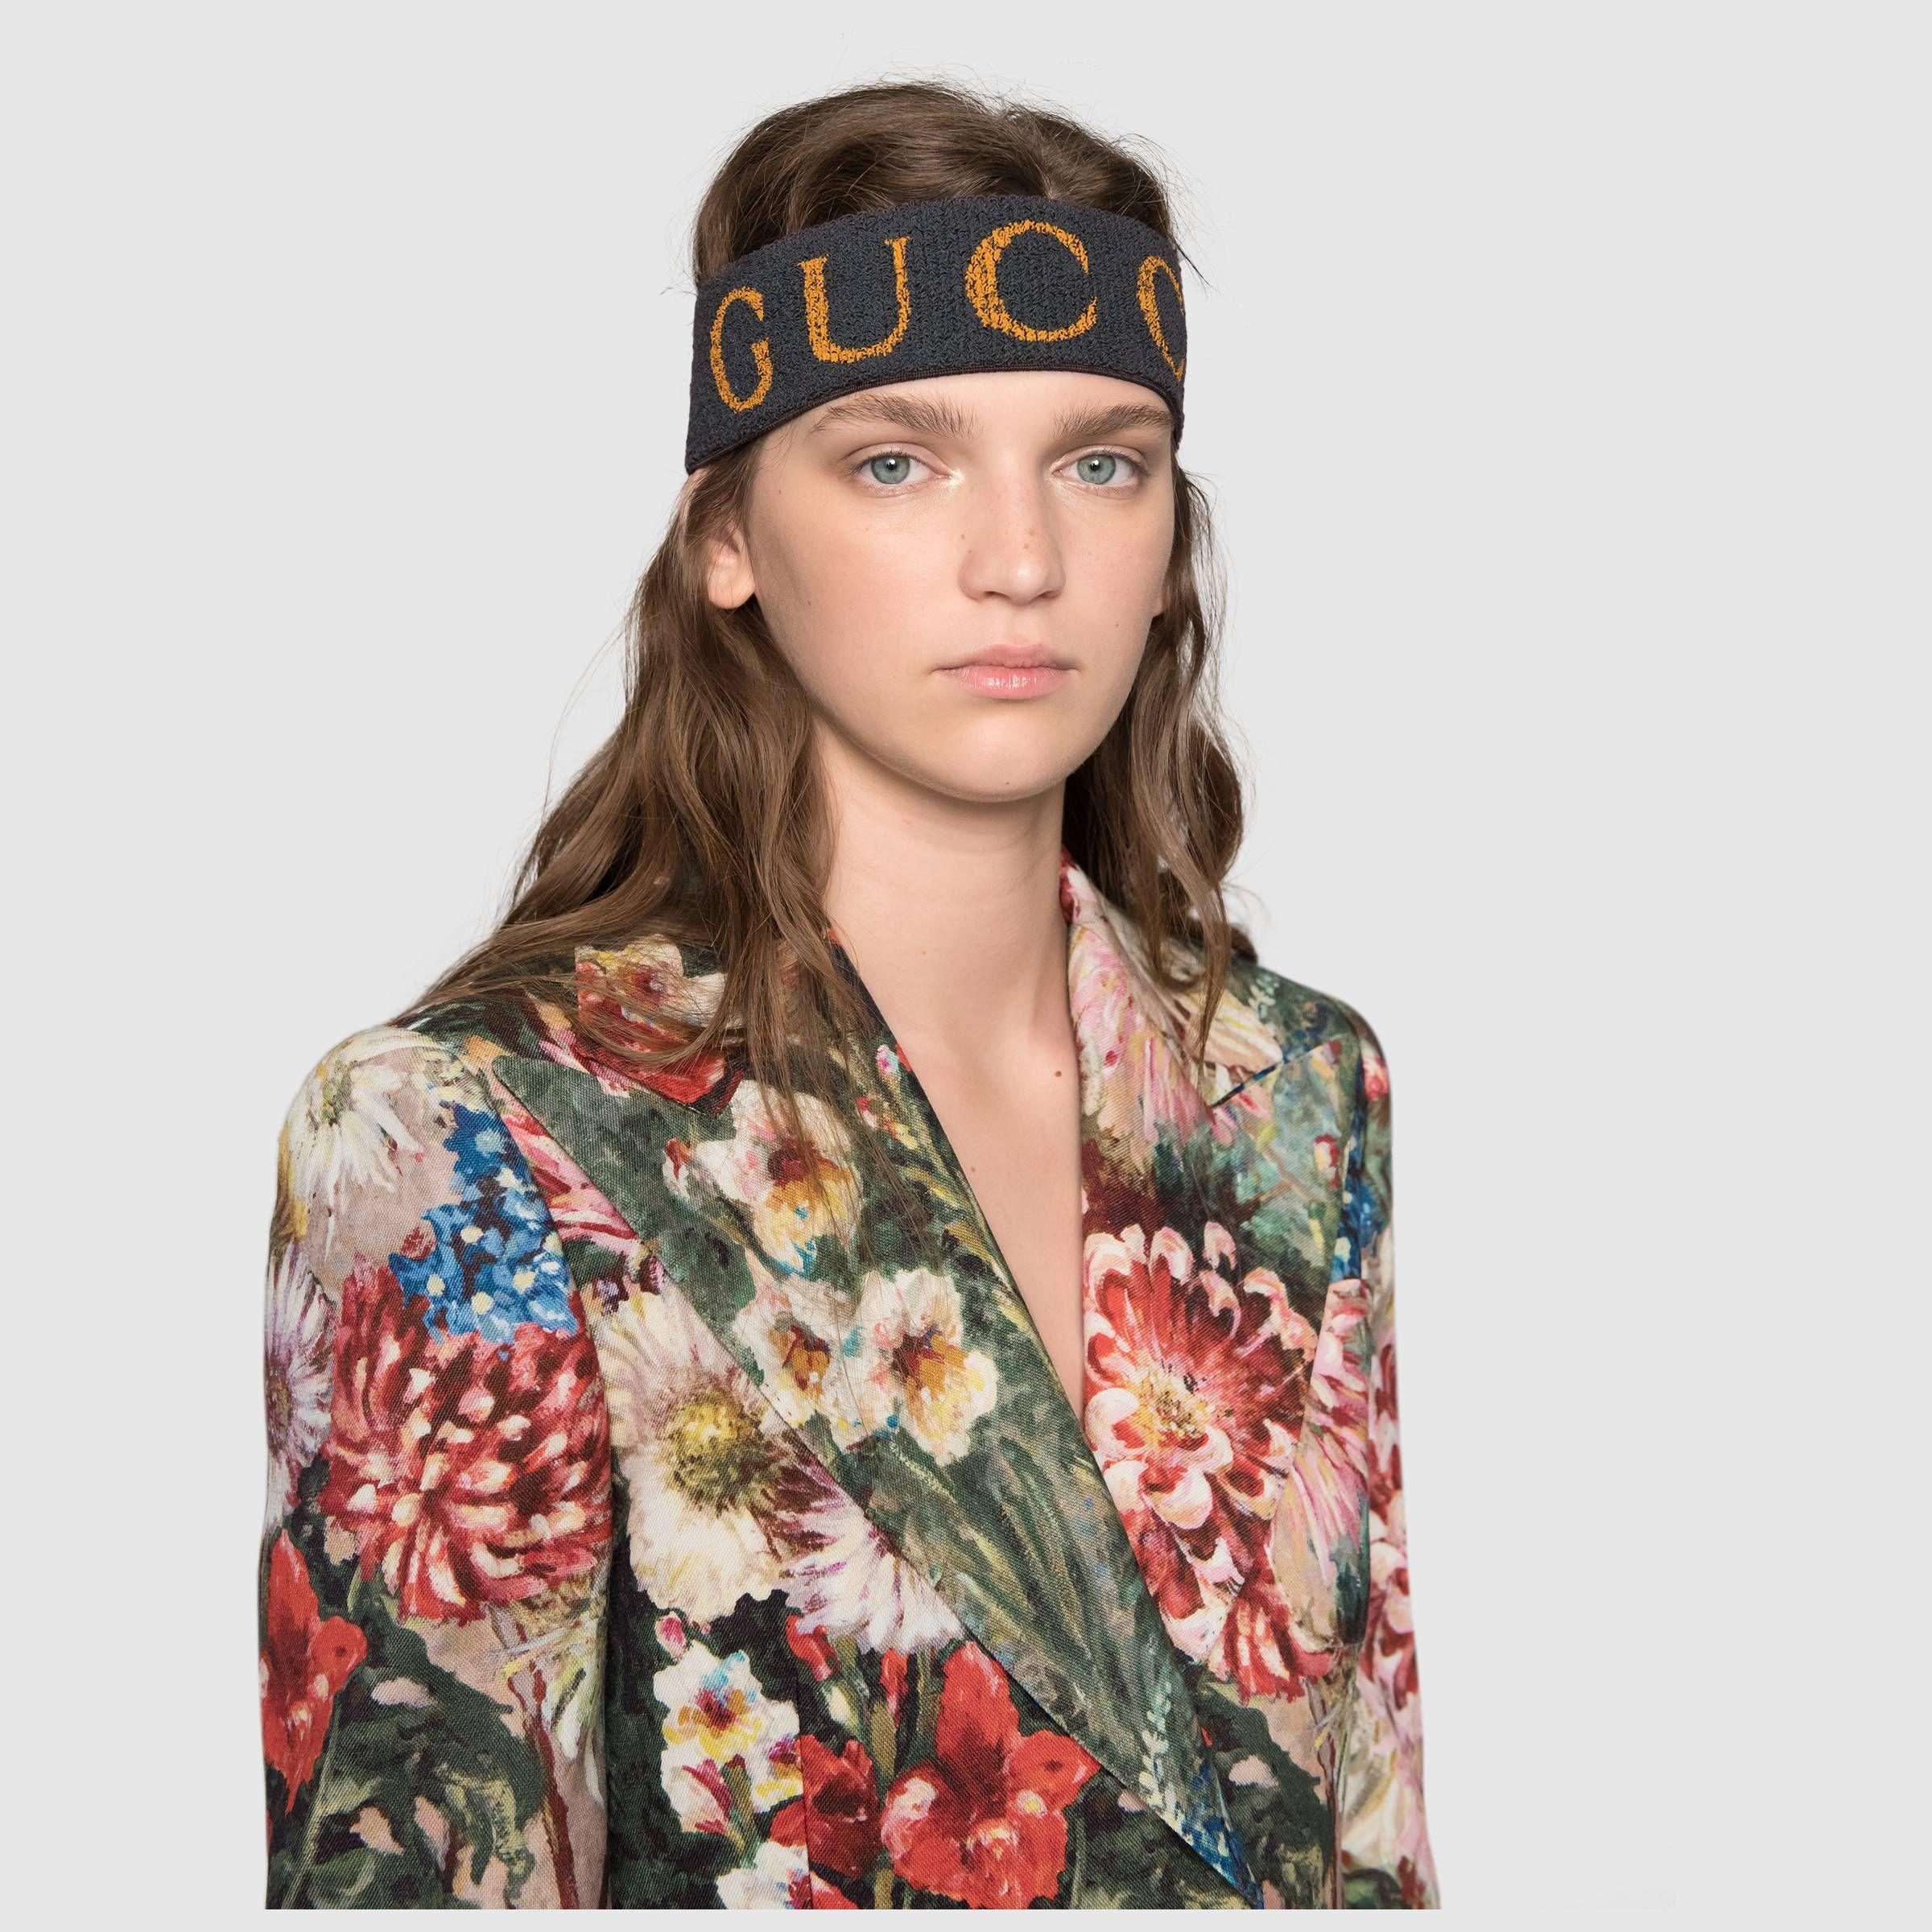 da2e661a4d3 Gucci - Elastic Gucci headband